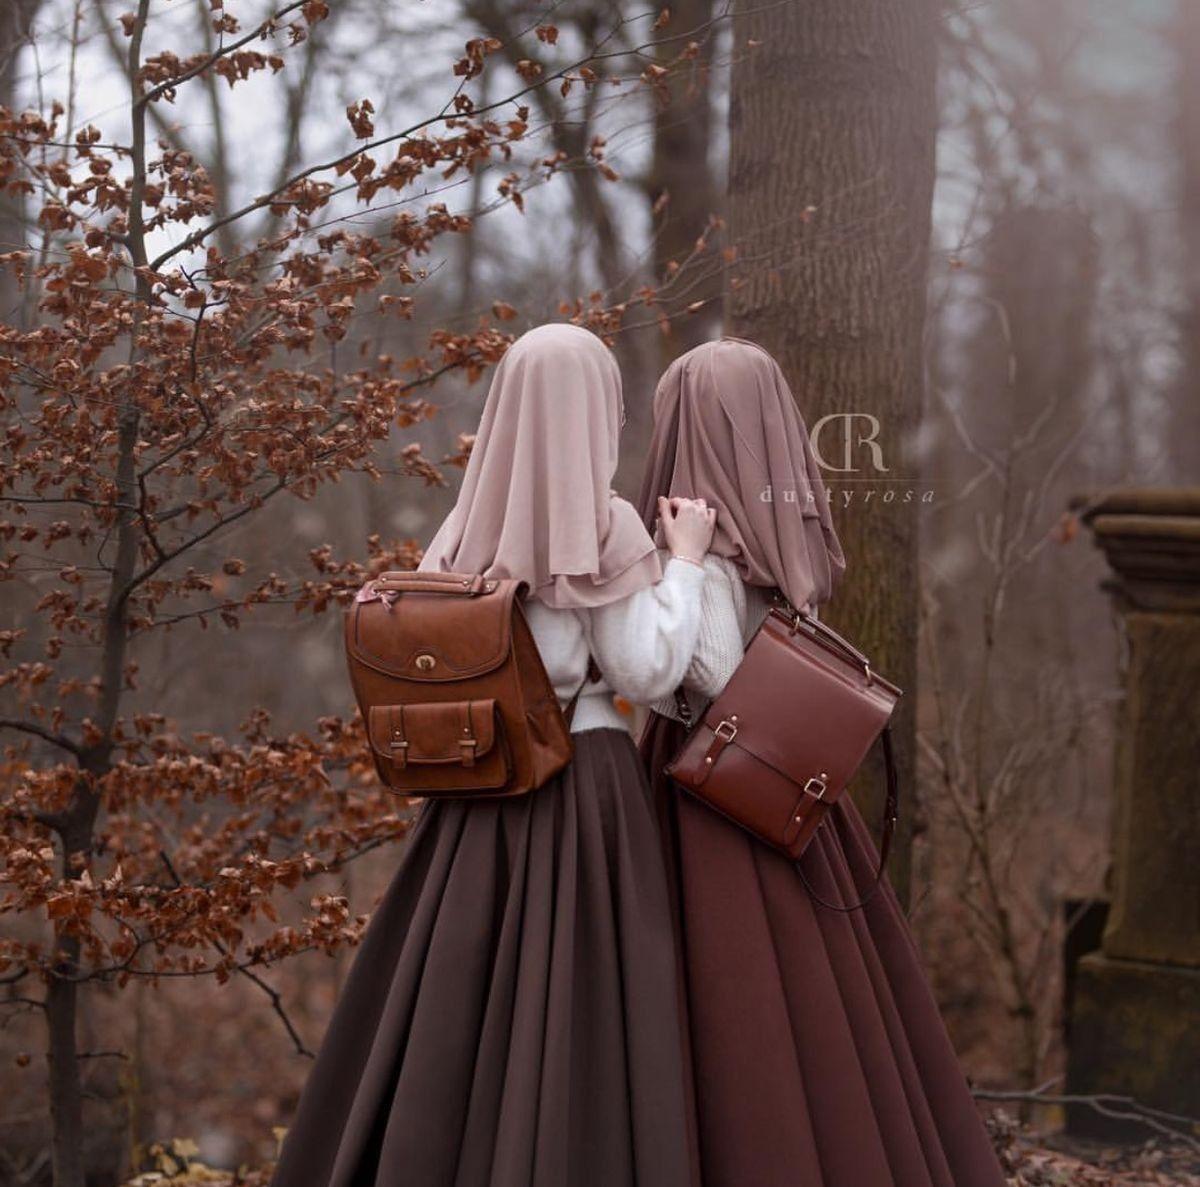 Pin oleh shaimaa di Best friend Pakaian keren, Wanita